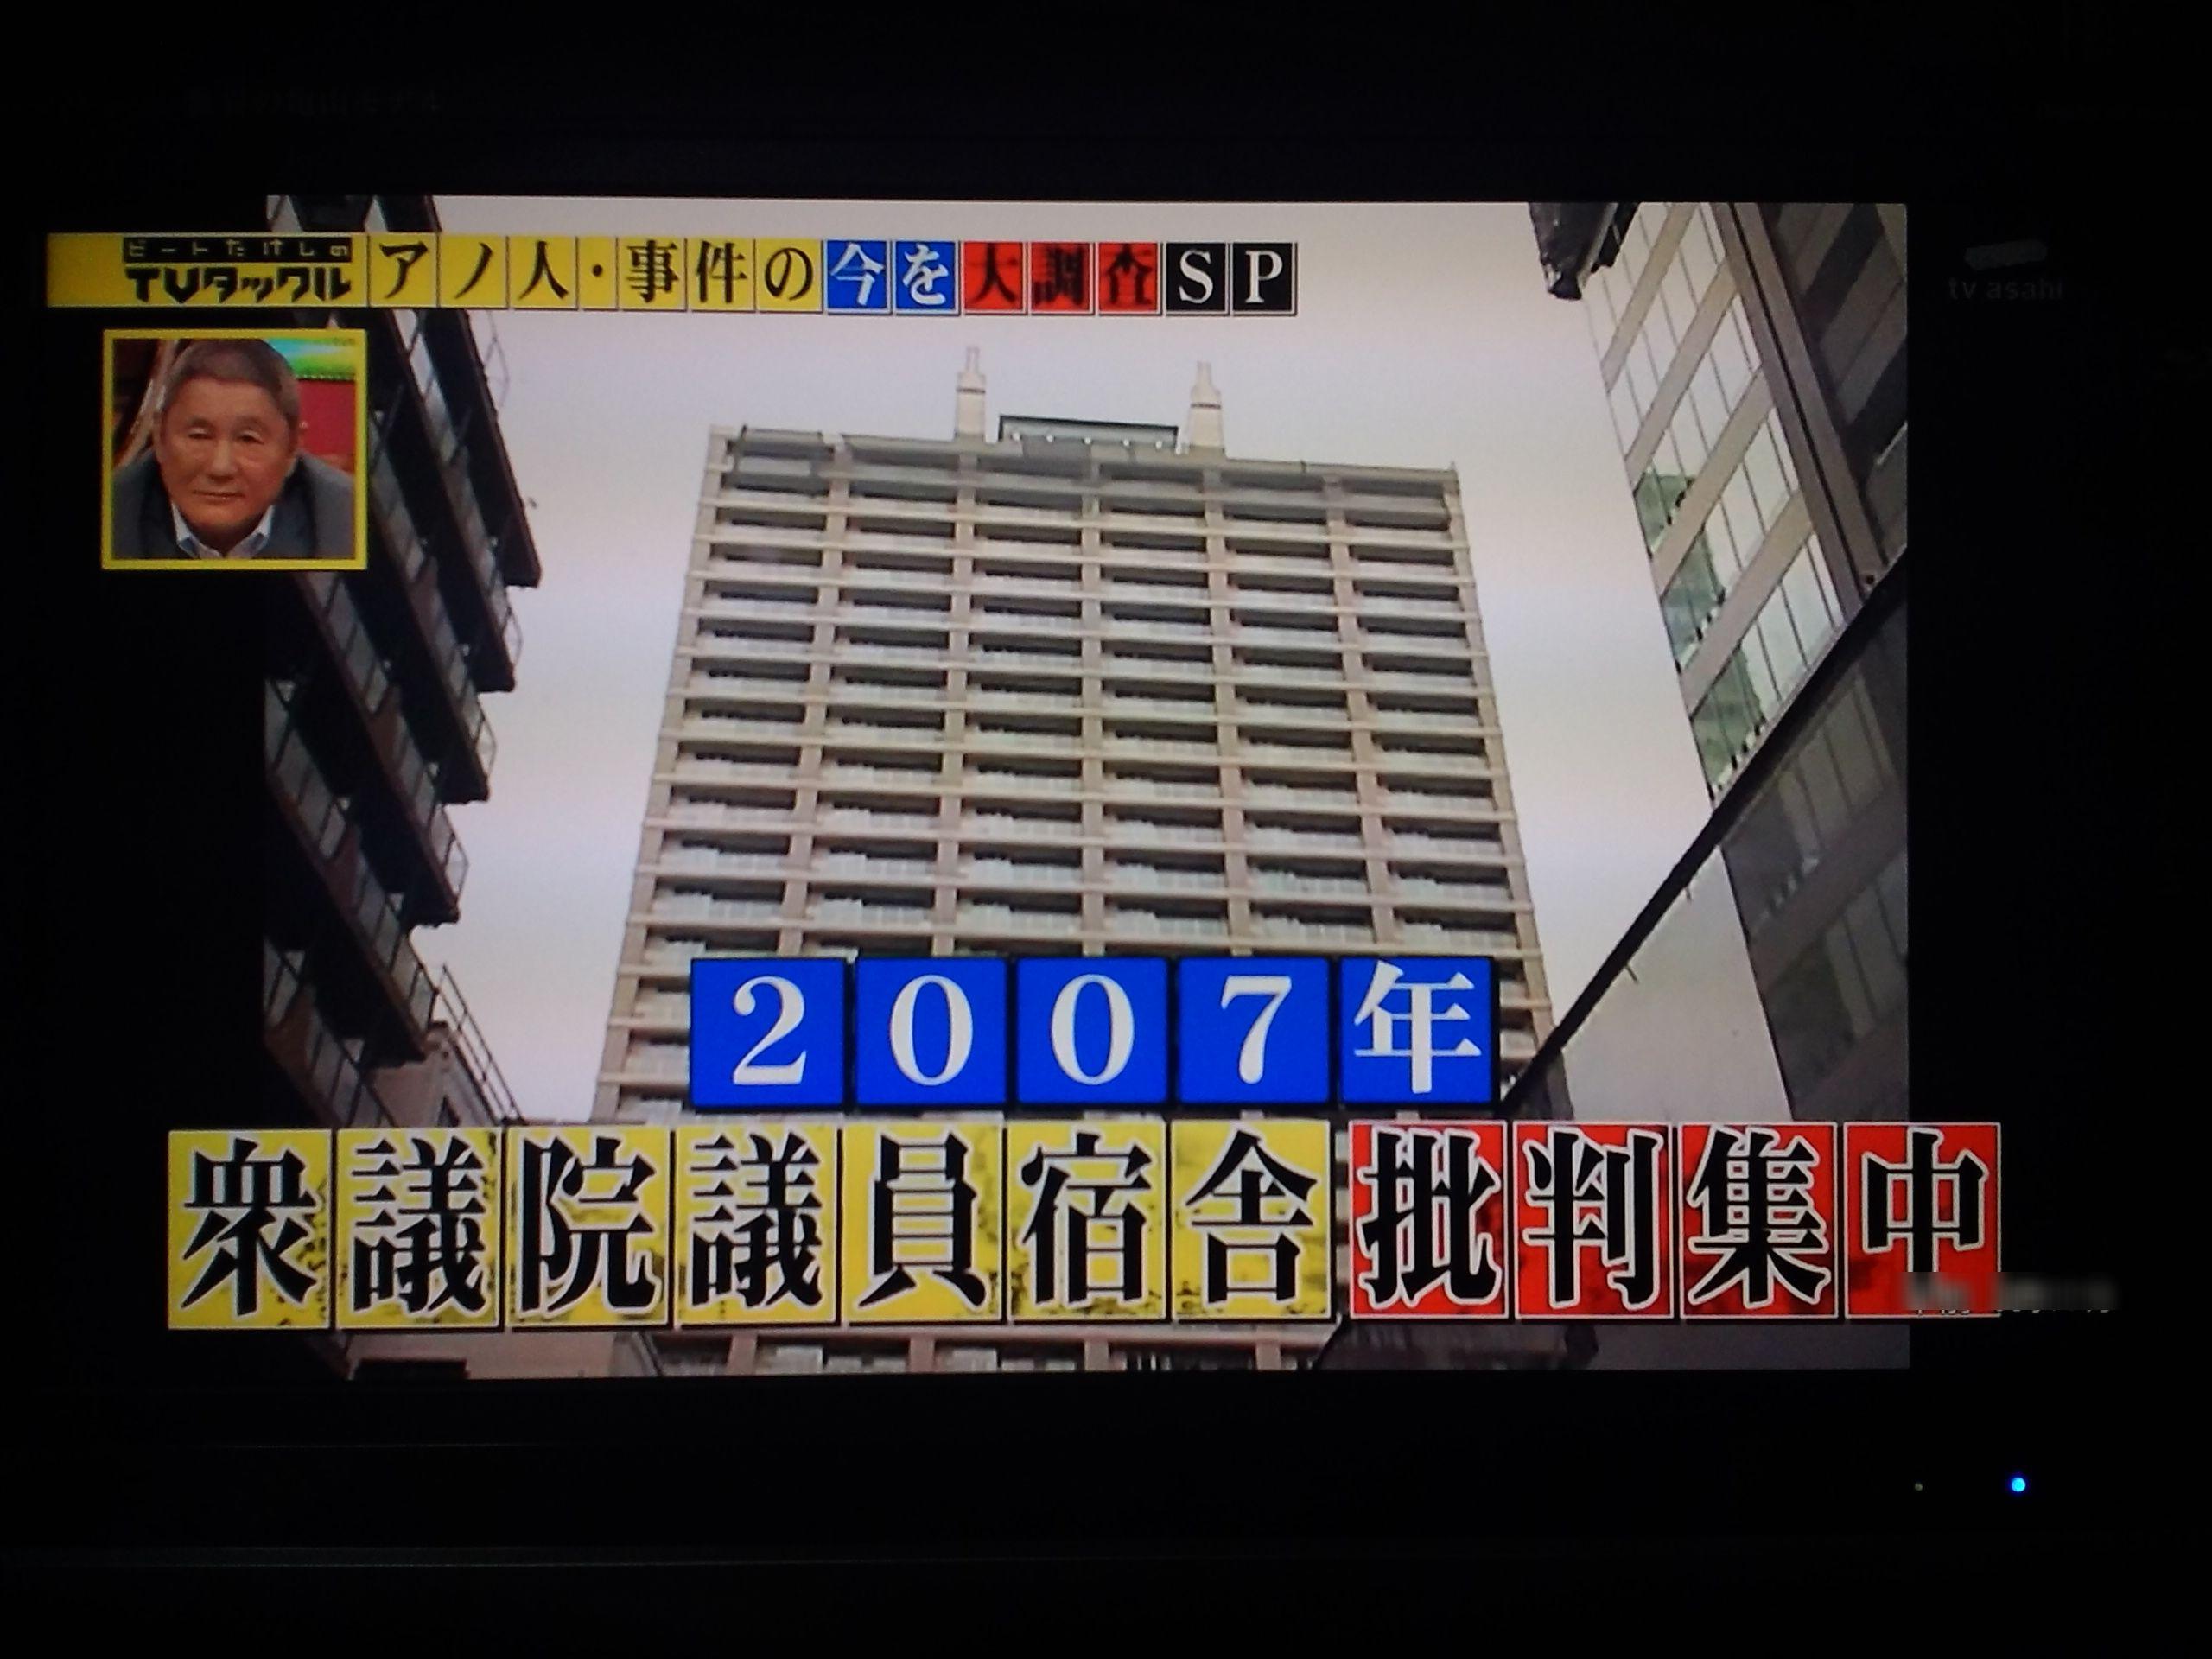 赤坂衆議院議員宿舎」3LDK が9万円!? 国民の批判を浴びた超高級宿舎 ...